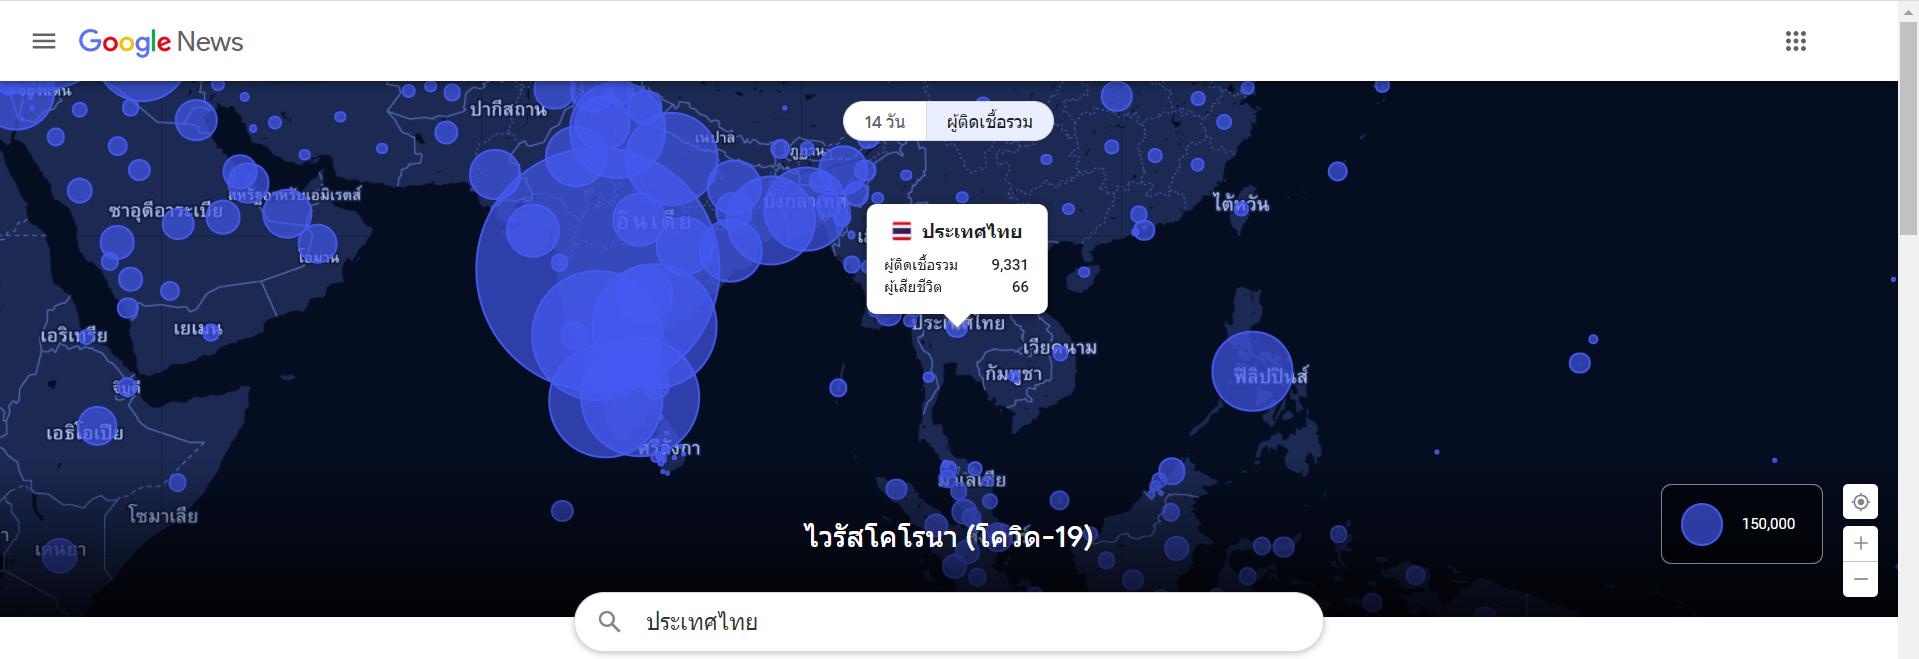 ผู้ติดเชื้อโควิด 2021 ในประเทศไทย